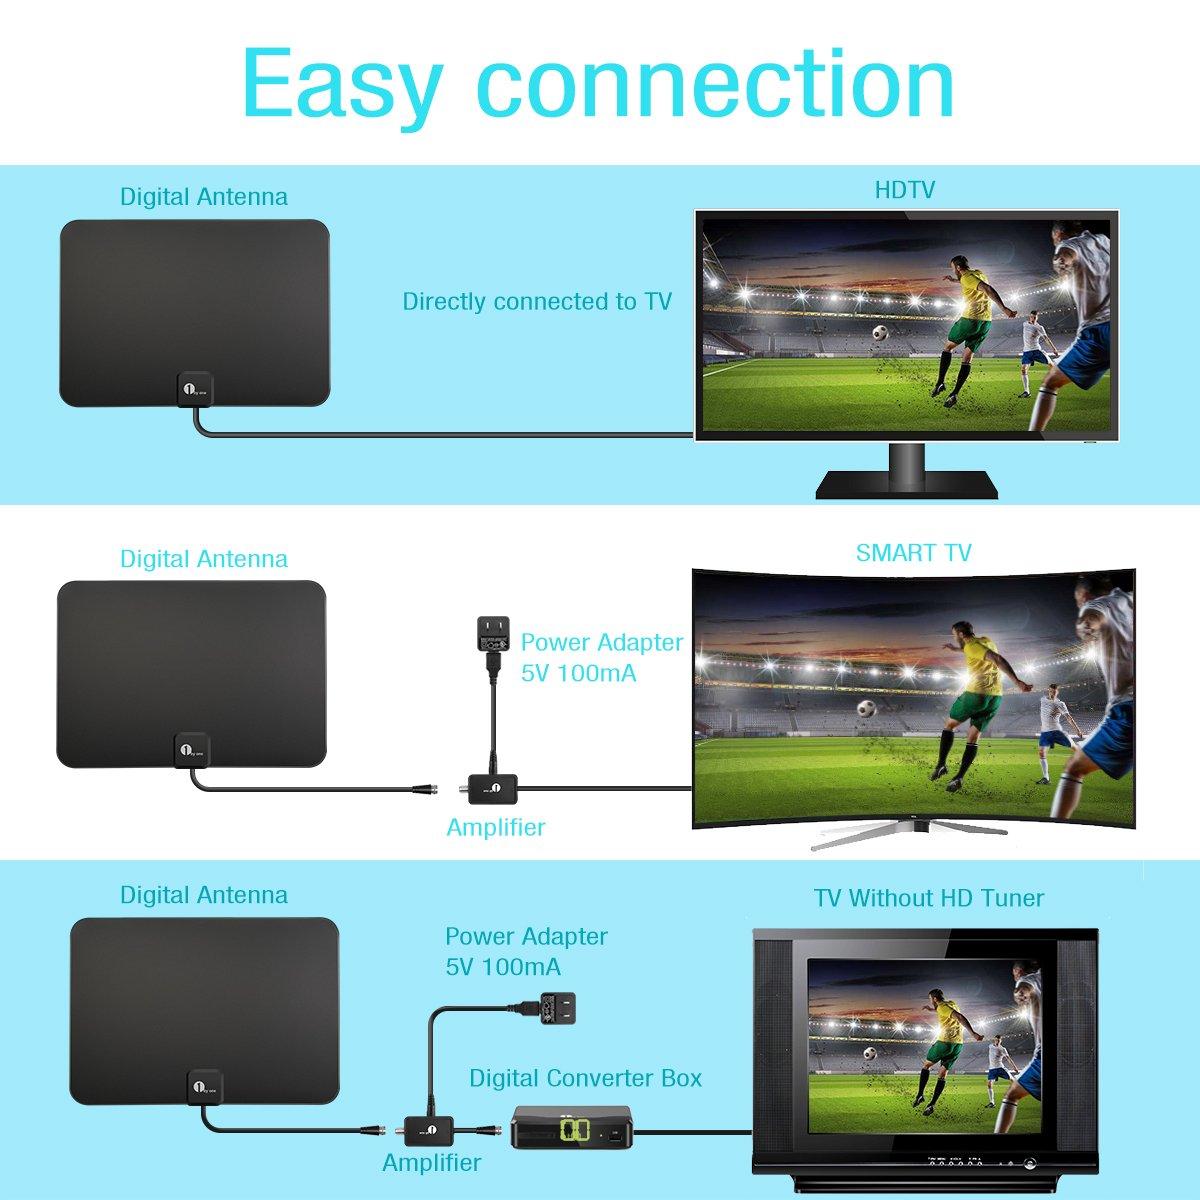 1byone Antena de Ventana 35 millas Super fino HDTV Antena con Cable Coaxial de 20 m, Extreme diseño de suave y ligero: Amazon.es: Electrónica